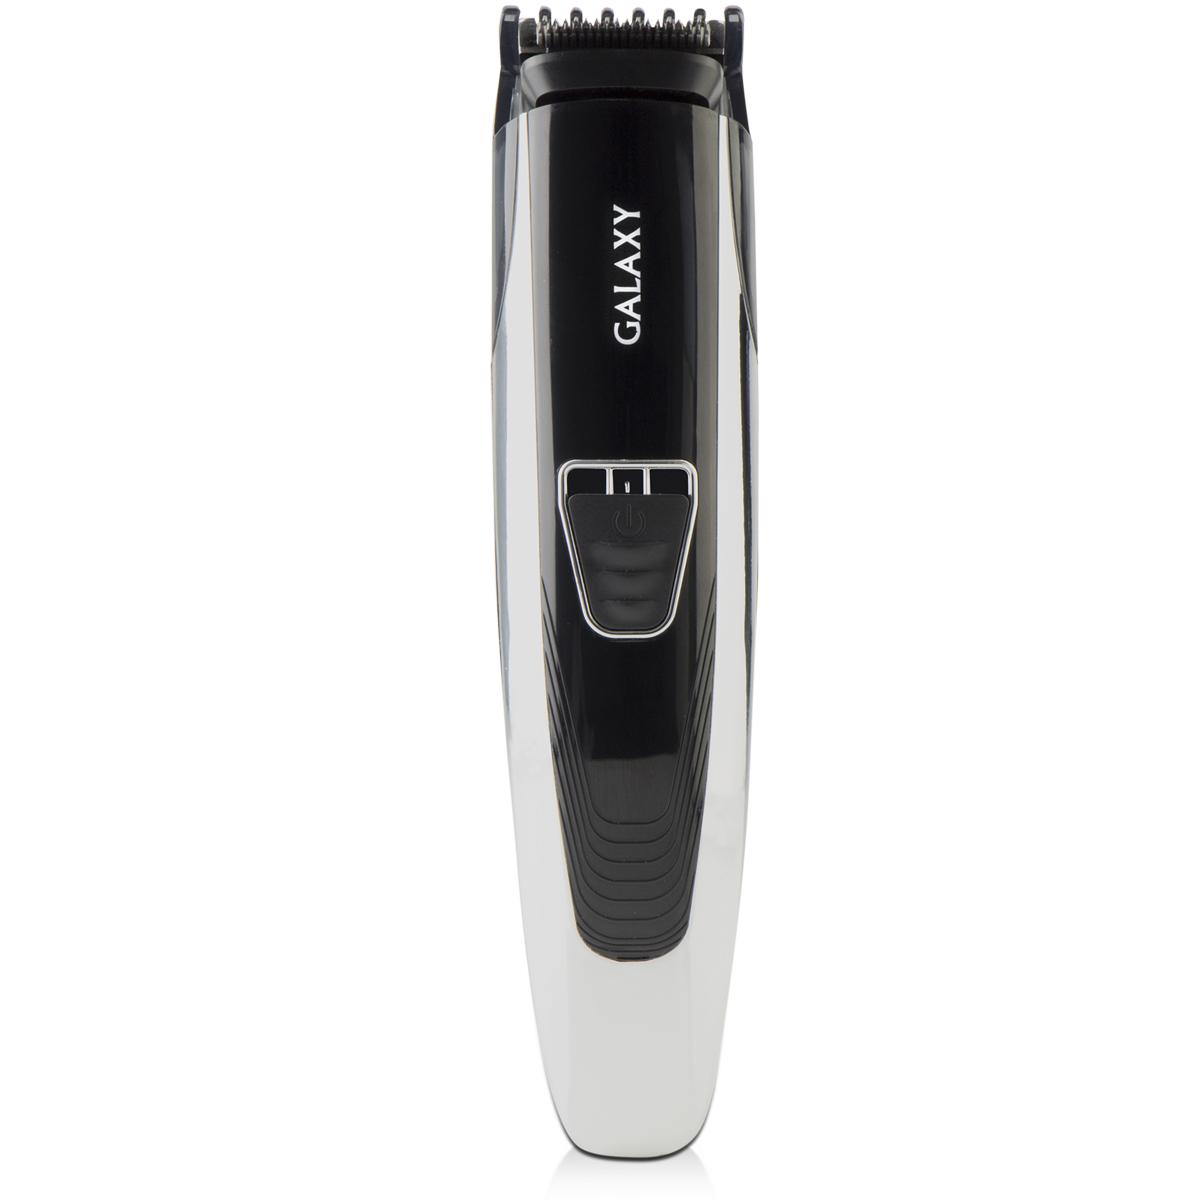 Galaxy GL 4154, Black набор для стрижки4650067301792Машинка для стрижки волос Galaxy GL 4154 поможет вам сделать как простую, так и сложную стрижку в домашних условиях. Лезвия из японской нержавеющей стали обеспечивают плавность хода и гарантируют превосходное качество стрижки.Встроенный триммер шириной 25 мм